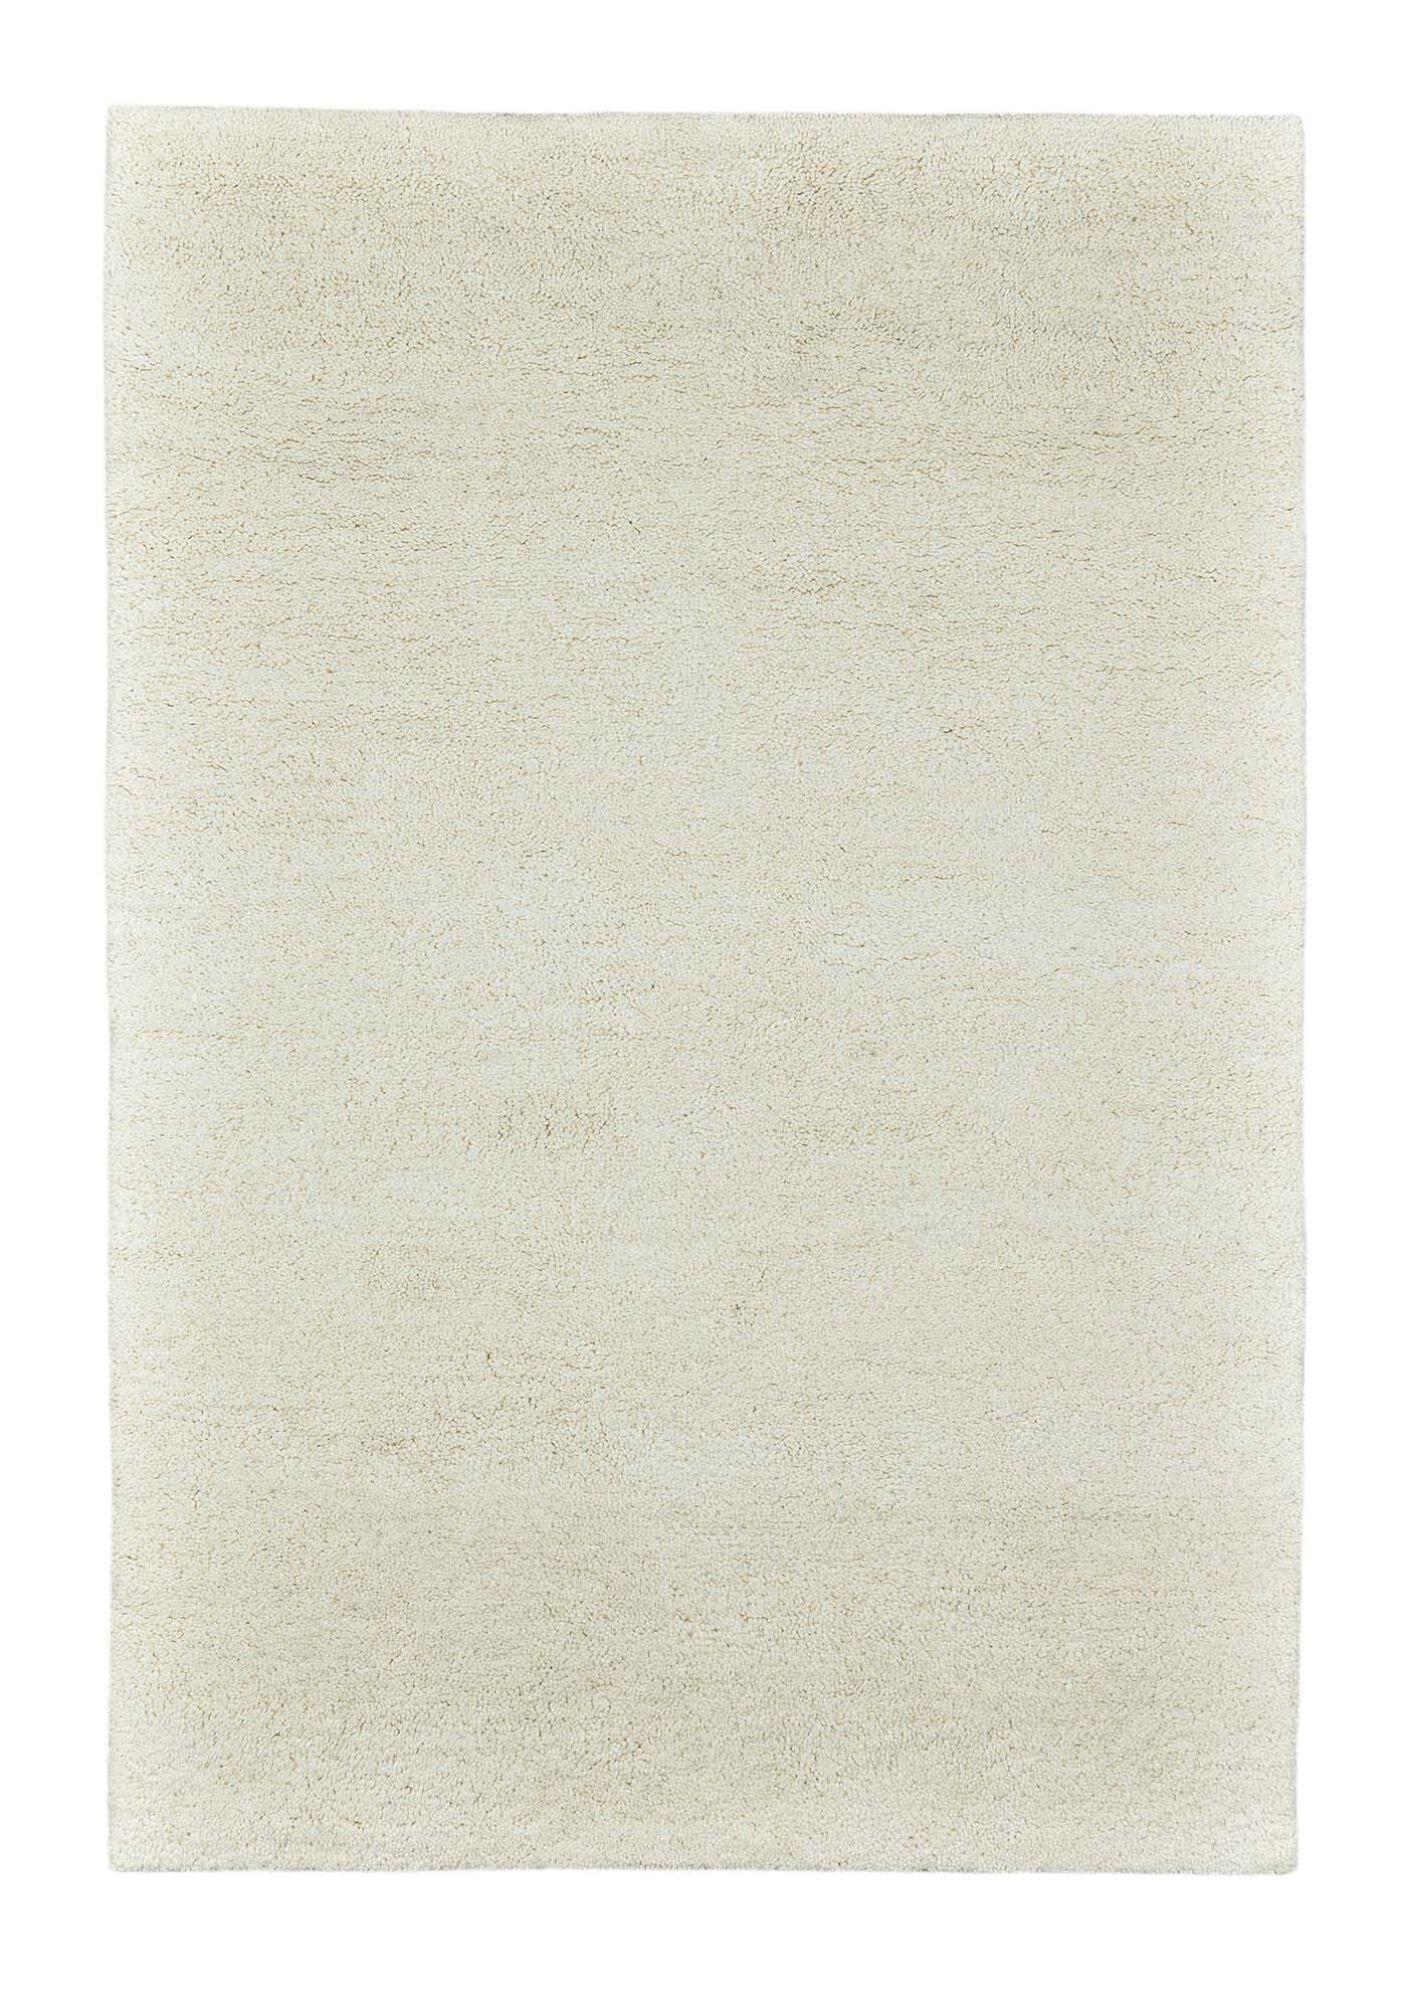 THEKO Tapis Berbre du maroc en laine naturelle Blanc 60x120